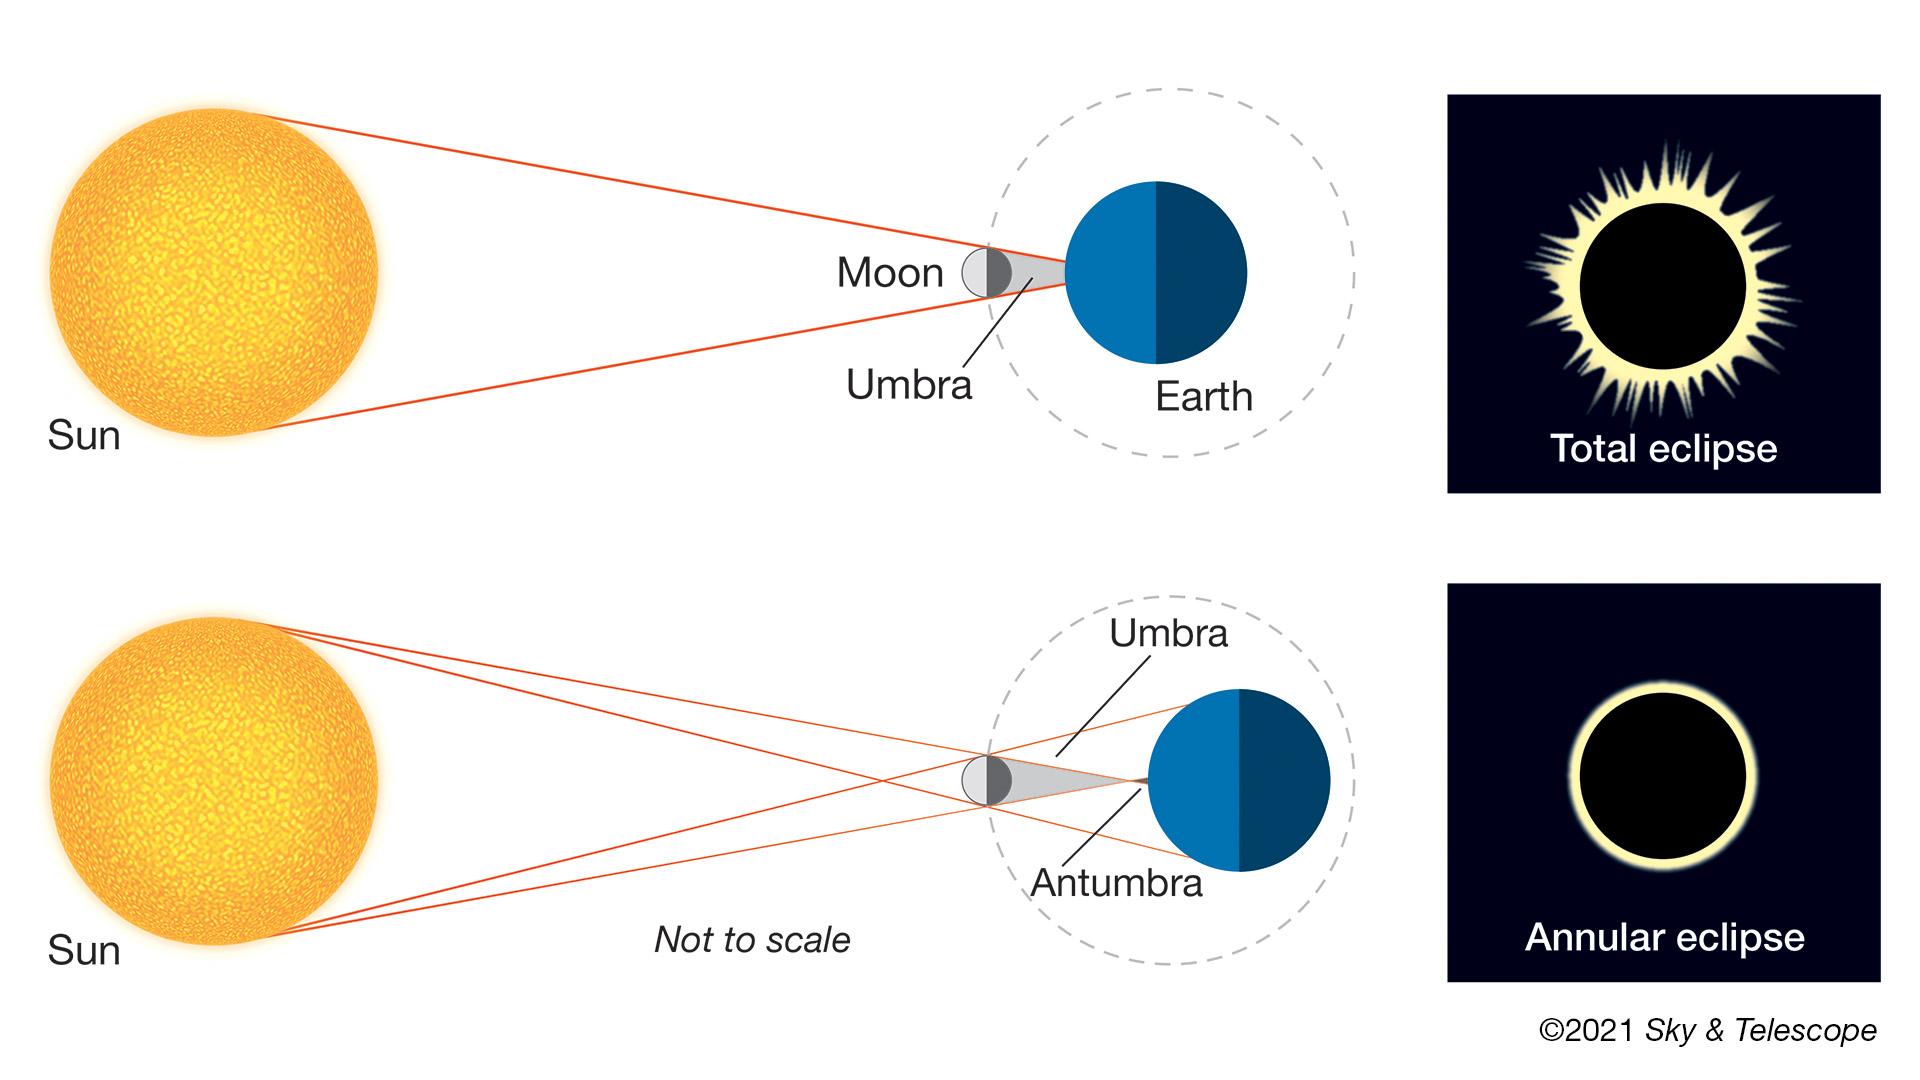 Lorsque la nouvelle lune est juste à la bonne distance sur son orbite pour effacer complètement le soleil, nous assistons à une éclipse solaire totale.  Mais lorsque la nouvelle lune est légèrement plus éloignée de la Terre sur son orbite, elle ne couvre pas tout à fait la totalité du disque solaire.  Dans ces cas, nous pouvons profiter de la vue d'un anneau de soleil flamboyant encerclant la silhouette de la lune, mais nous devons veiller à ne l'observer qu'à travers un filtre solaire sûr.